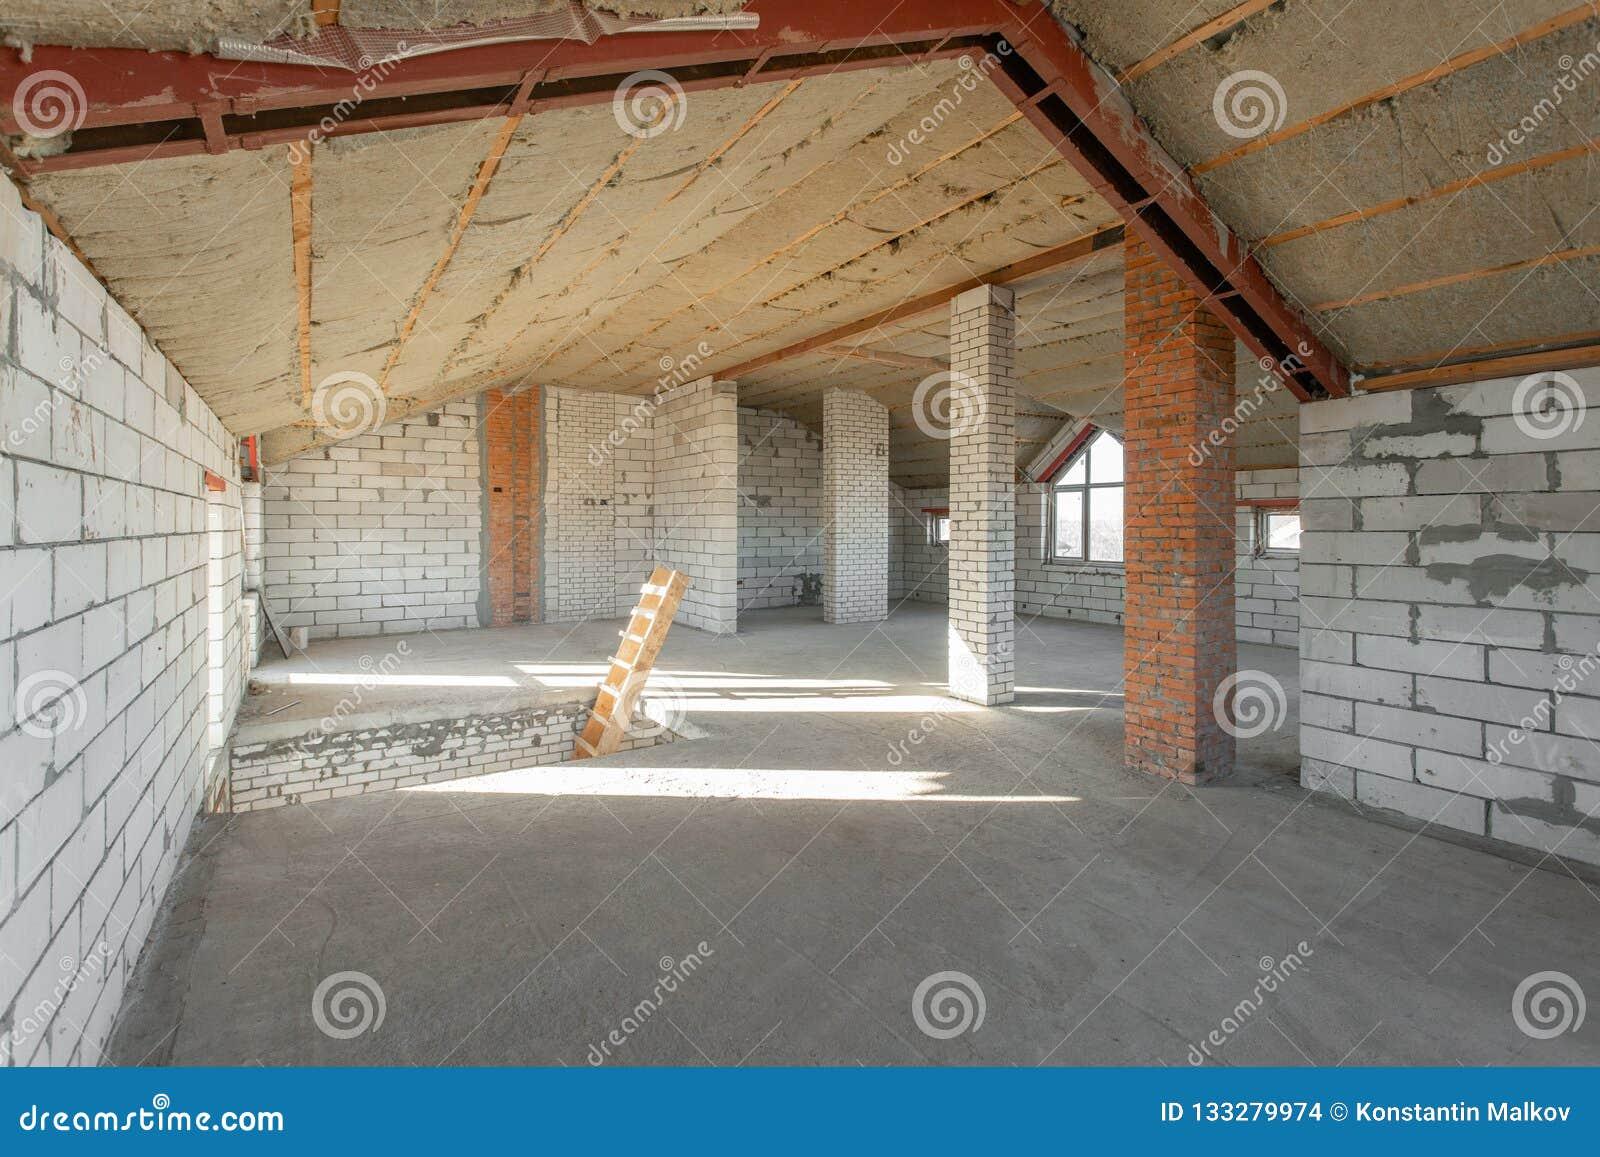 Αττικό πάτωμα του σπιτιού εξέταση και αναδημιουργία Διαδικασία εργασίας το εσωτερικό μέρος της στέγης σπίτι ή